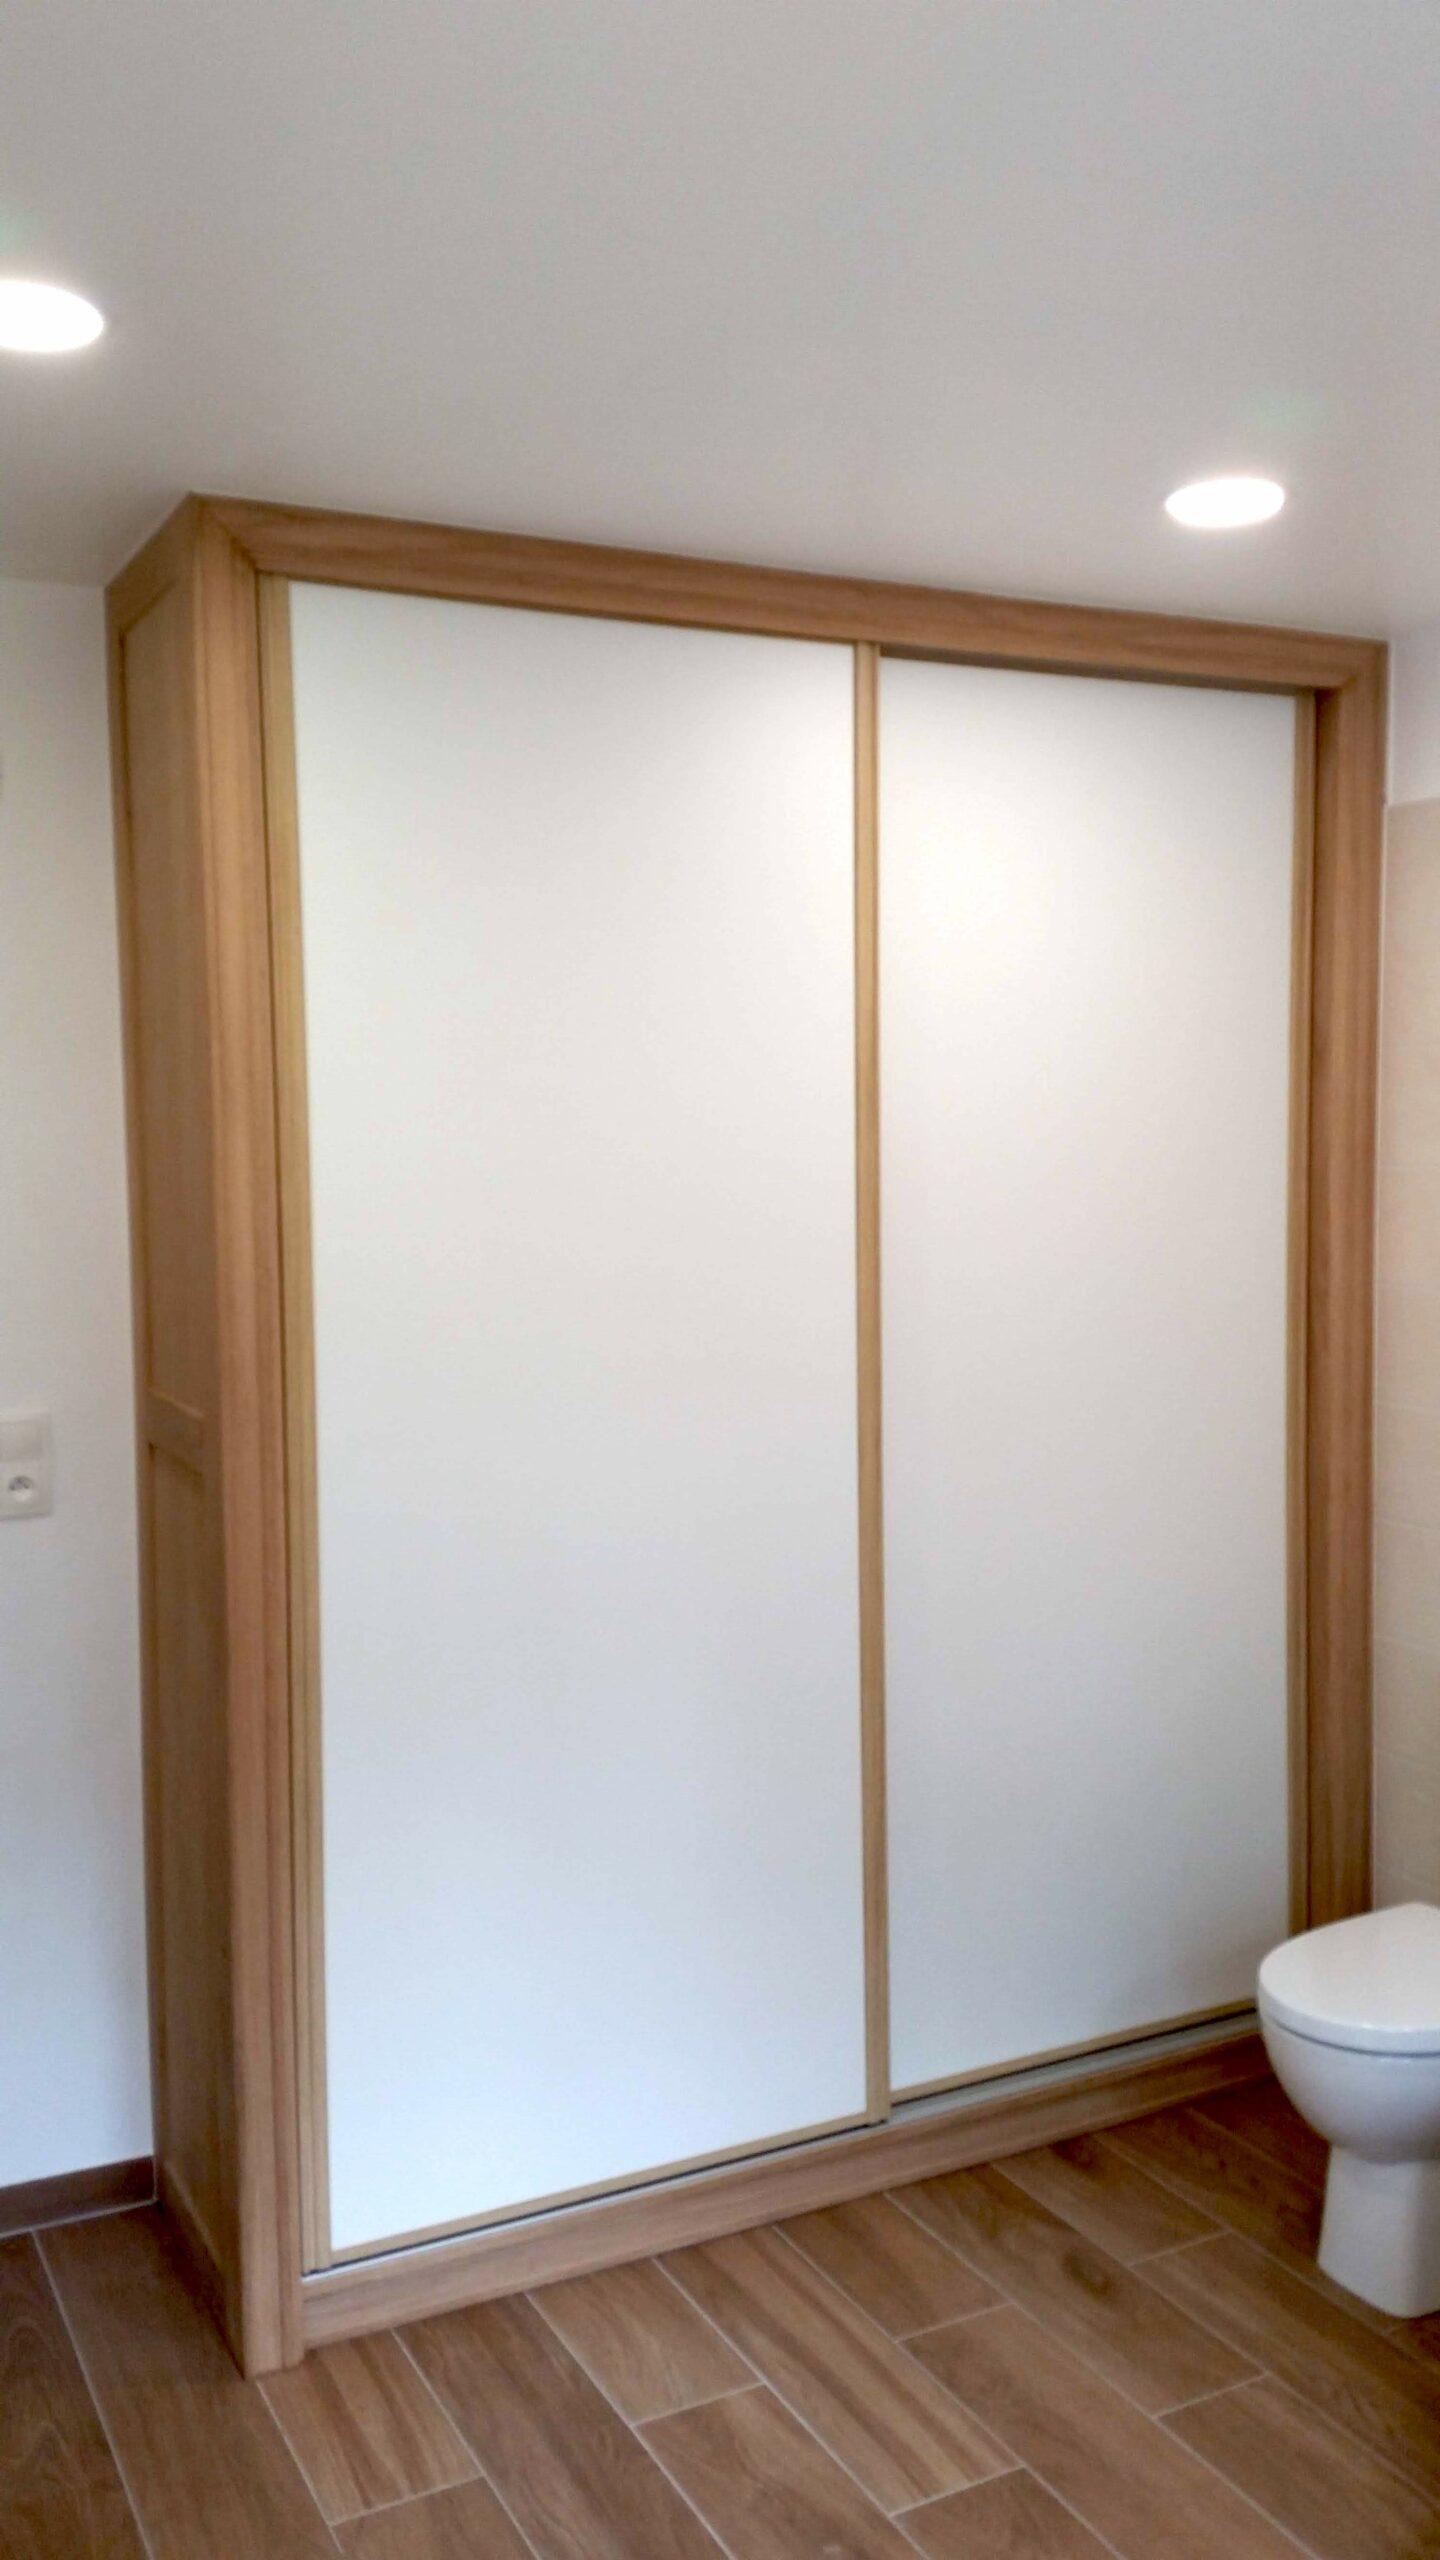 Fabrication et pose d'un placard dans une salle de bain image_1